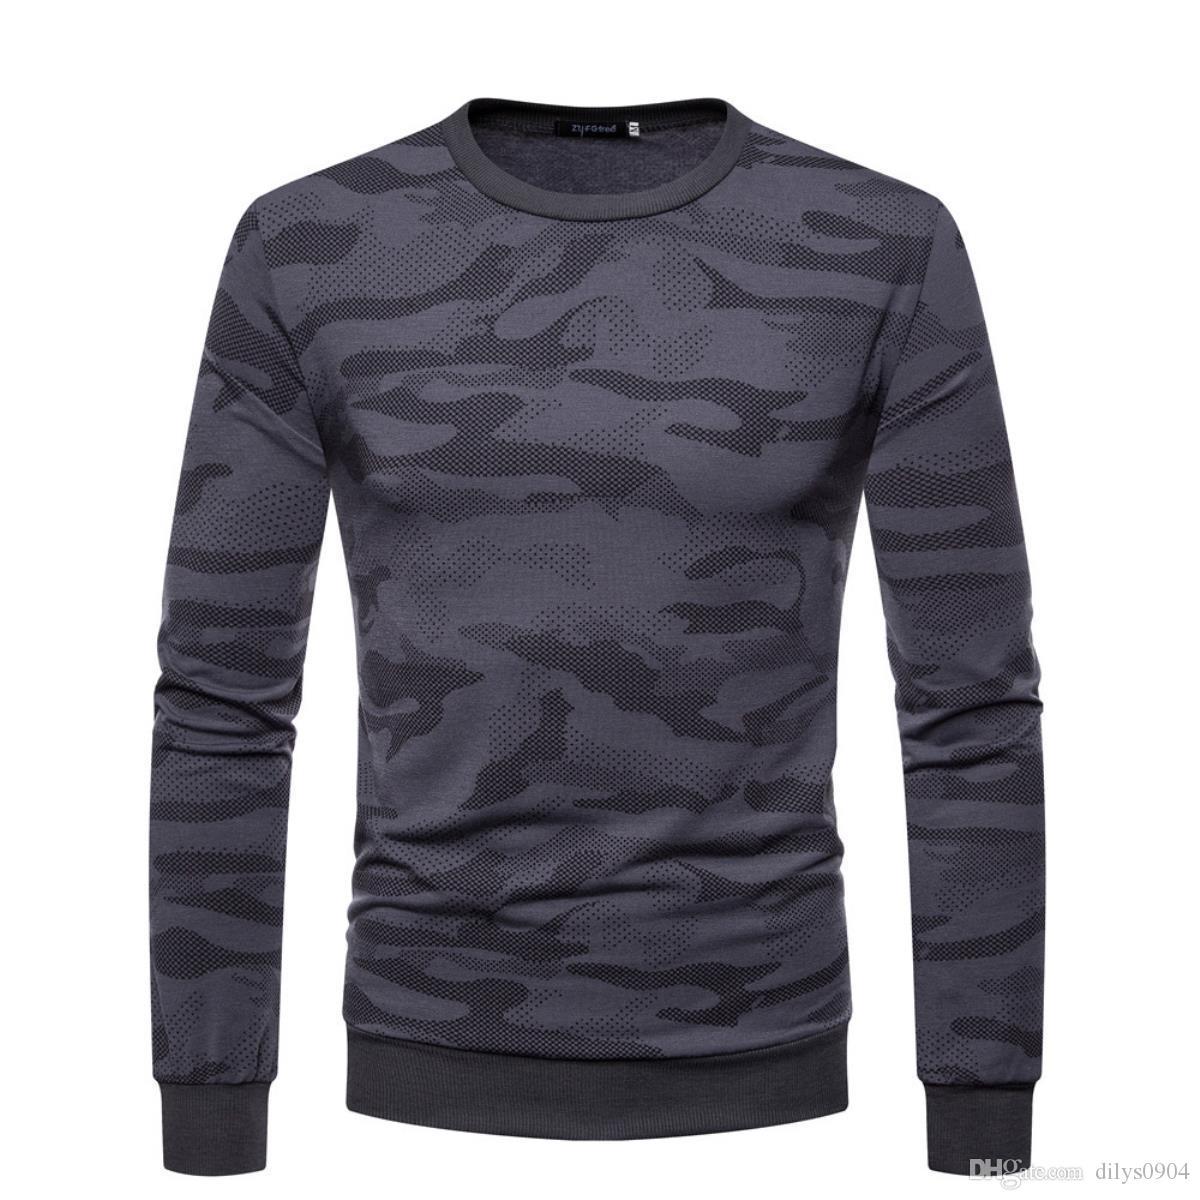 2020 أزياء الرجال ق الفاخرة مصمم رجالي تي شيرت تي شيرت تي شيرت التمويه الطباعة طويلة الأكمام التي شيرت رجالي ملابس الملابس قميص تي